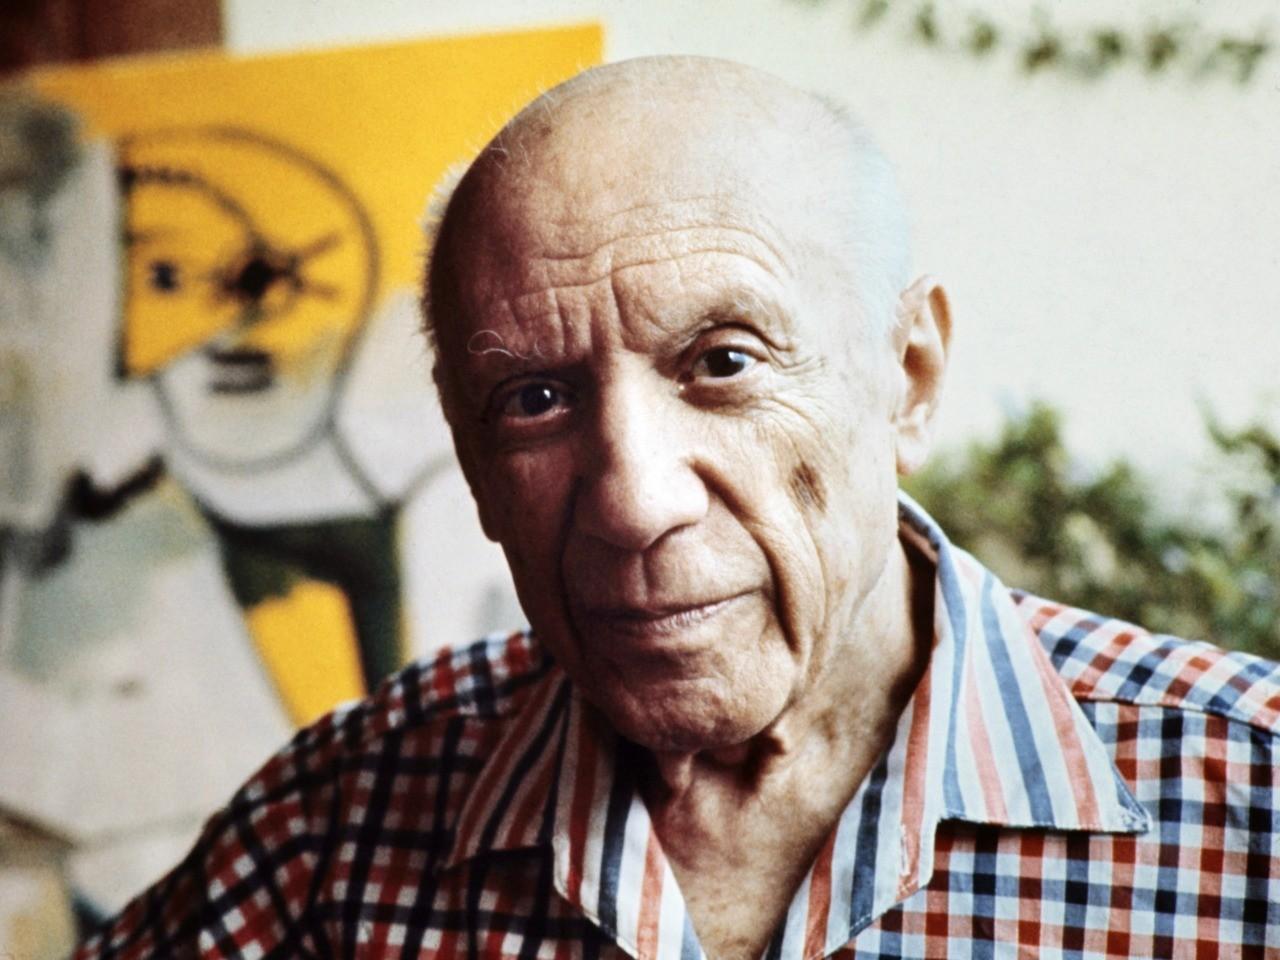 Oxia Palus: Картина Пабло Пикассо скрывала изображение обнаженной женщины